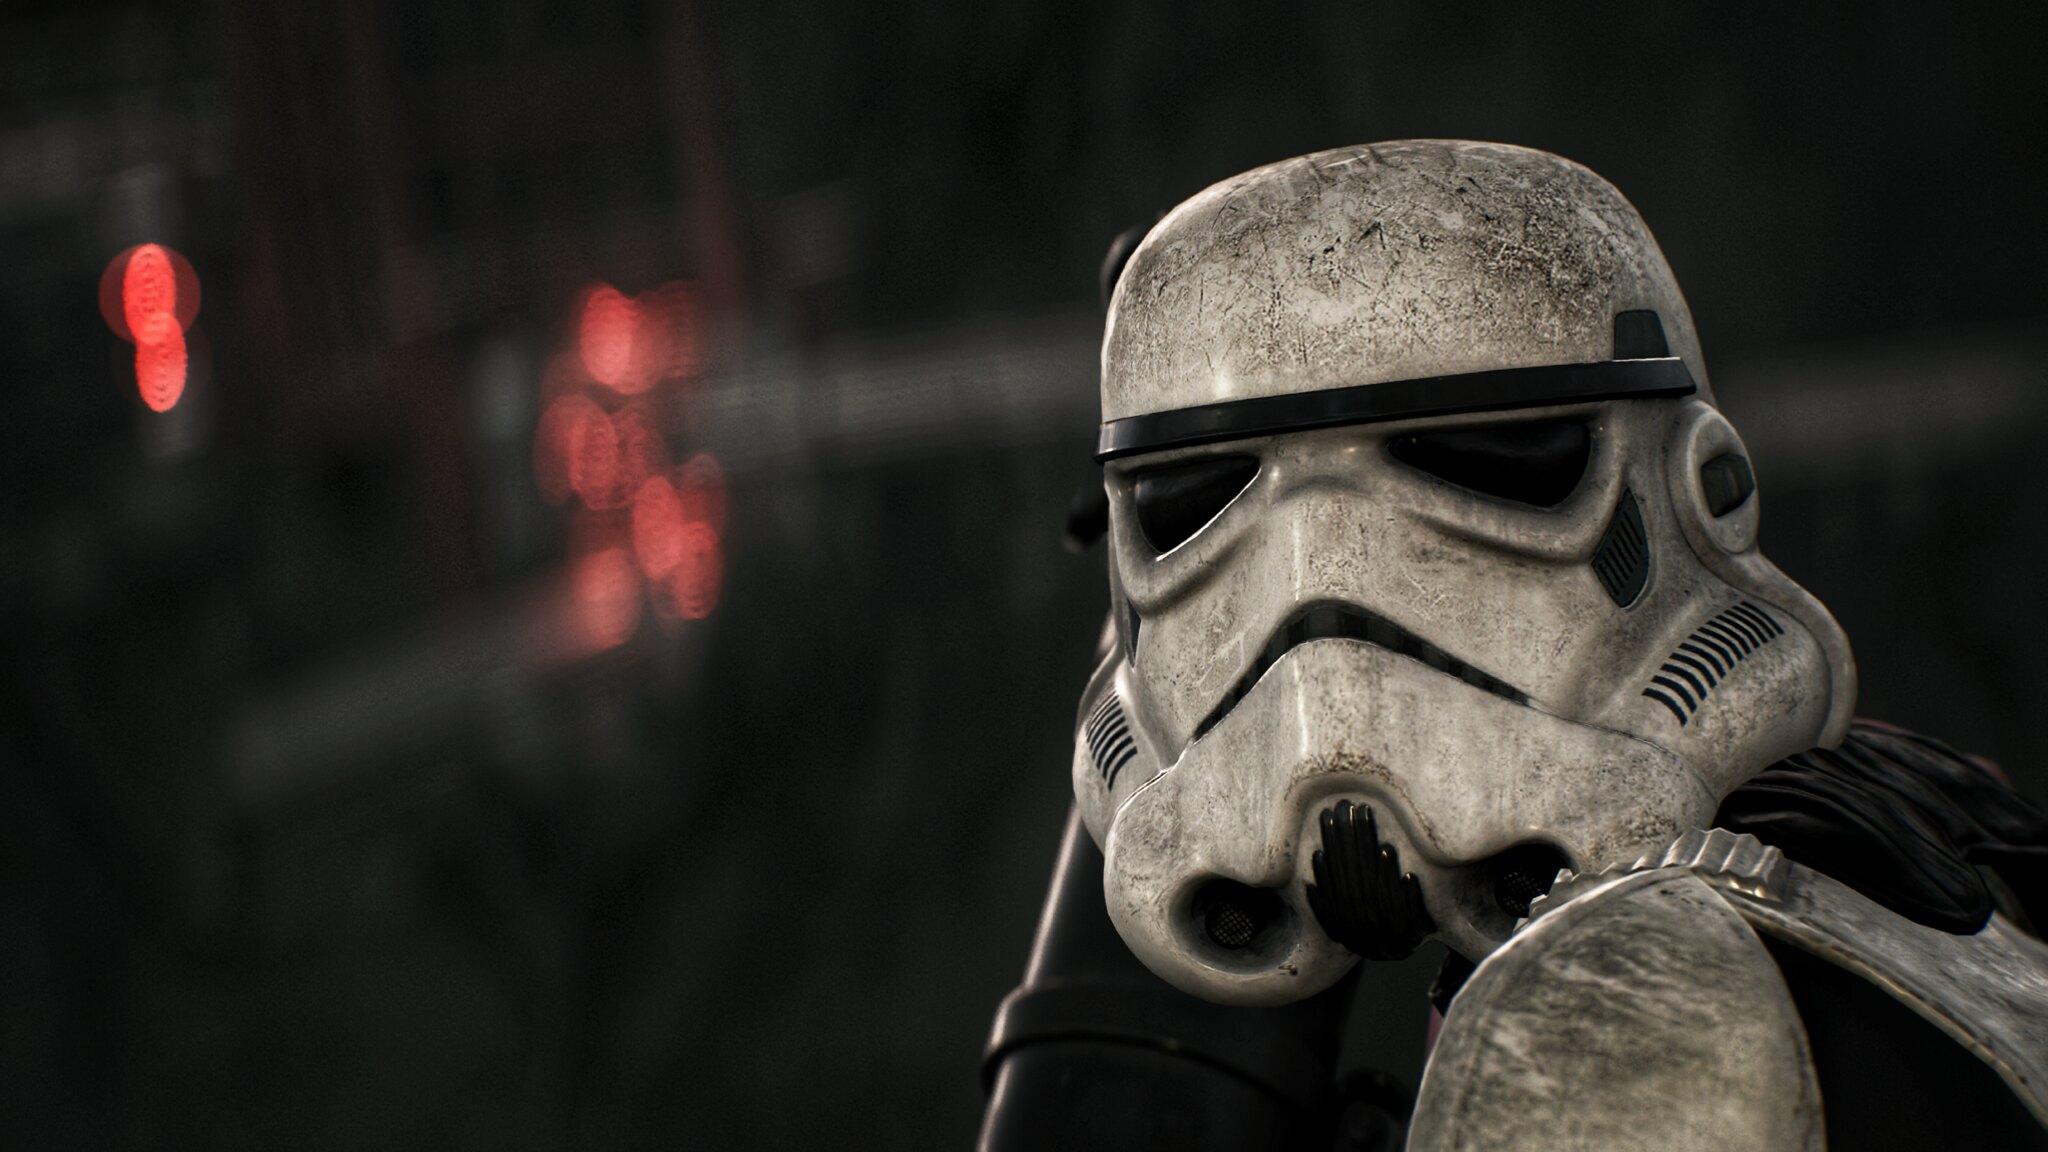 49245303803_abf9c41735_k.jpg - Star Wars Jedi: Fallen Order